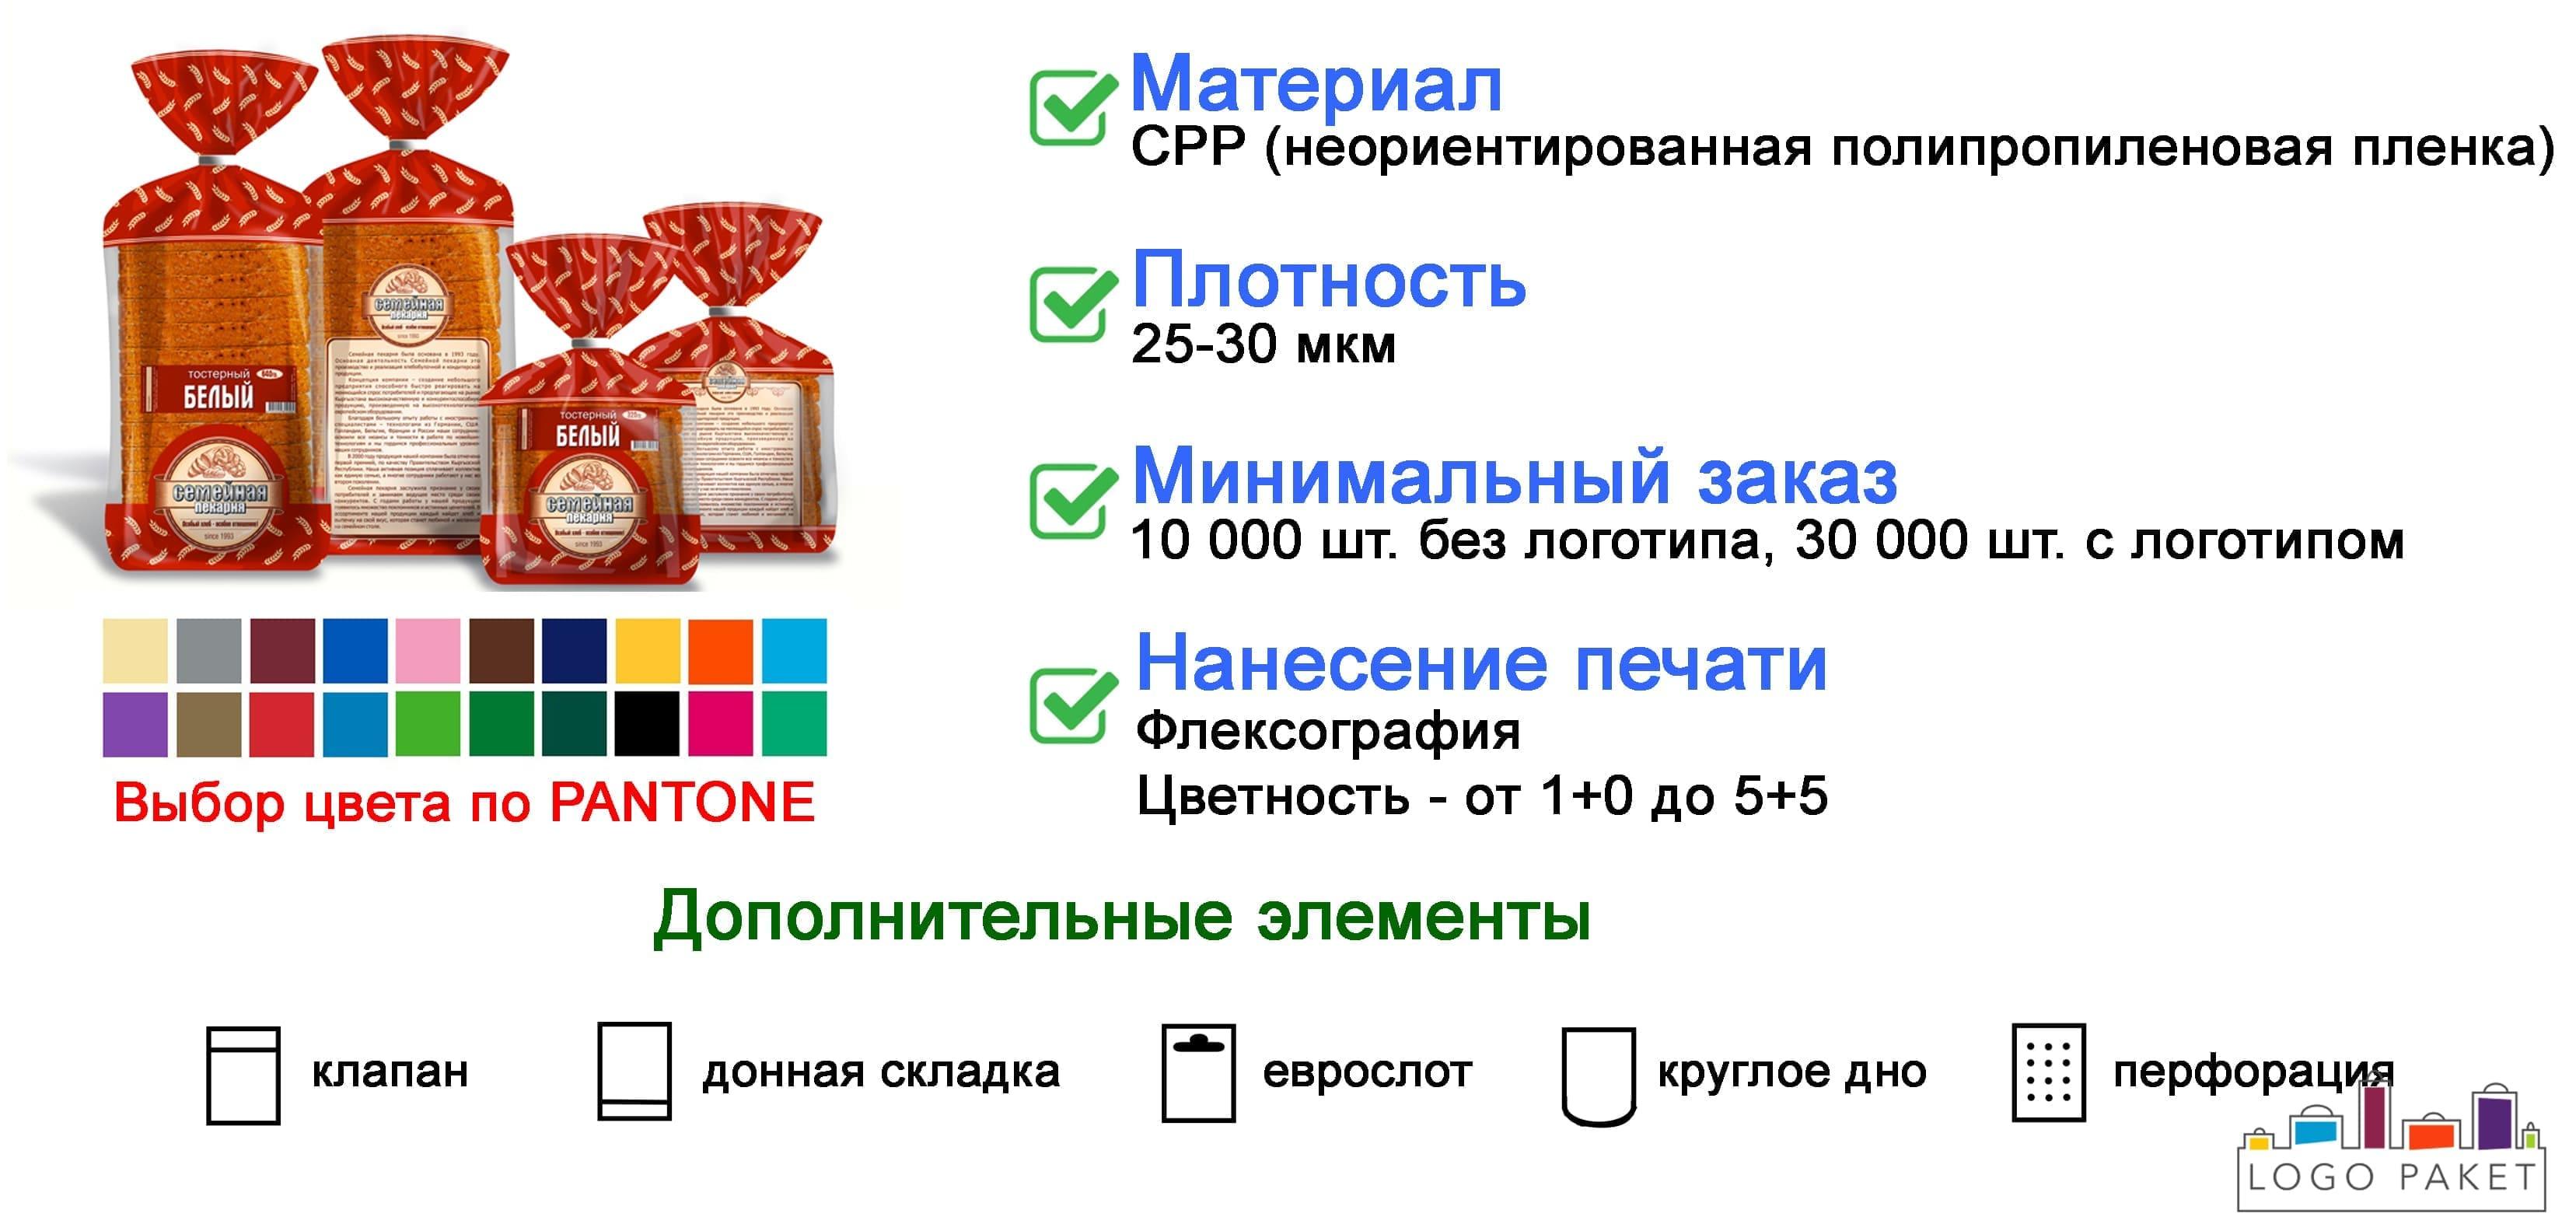 Пакеты СРР для хлебобулочных изделий инфографика